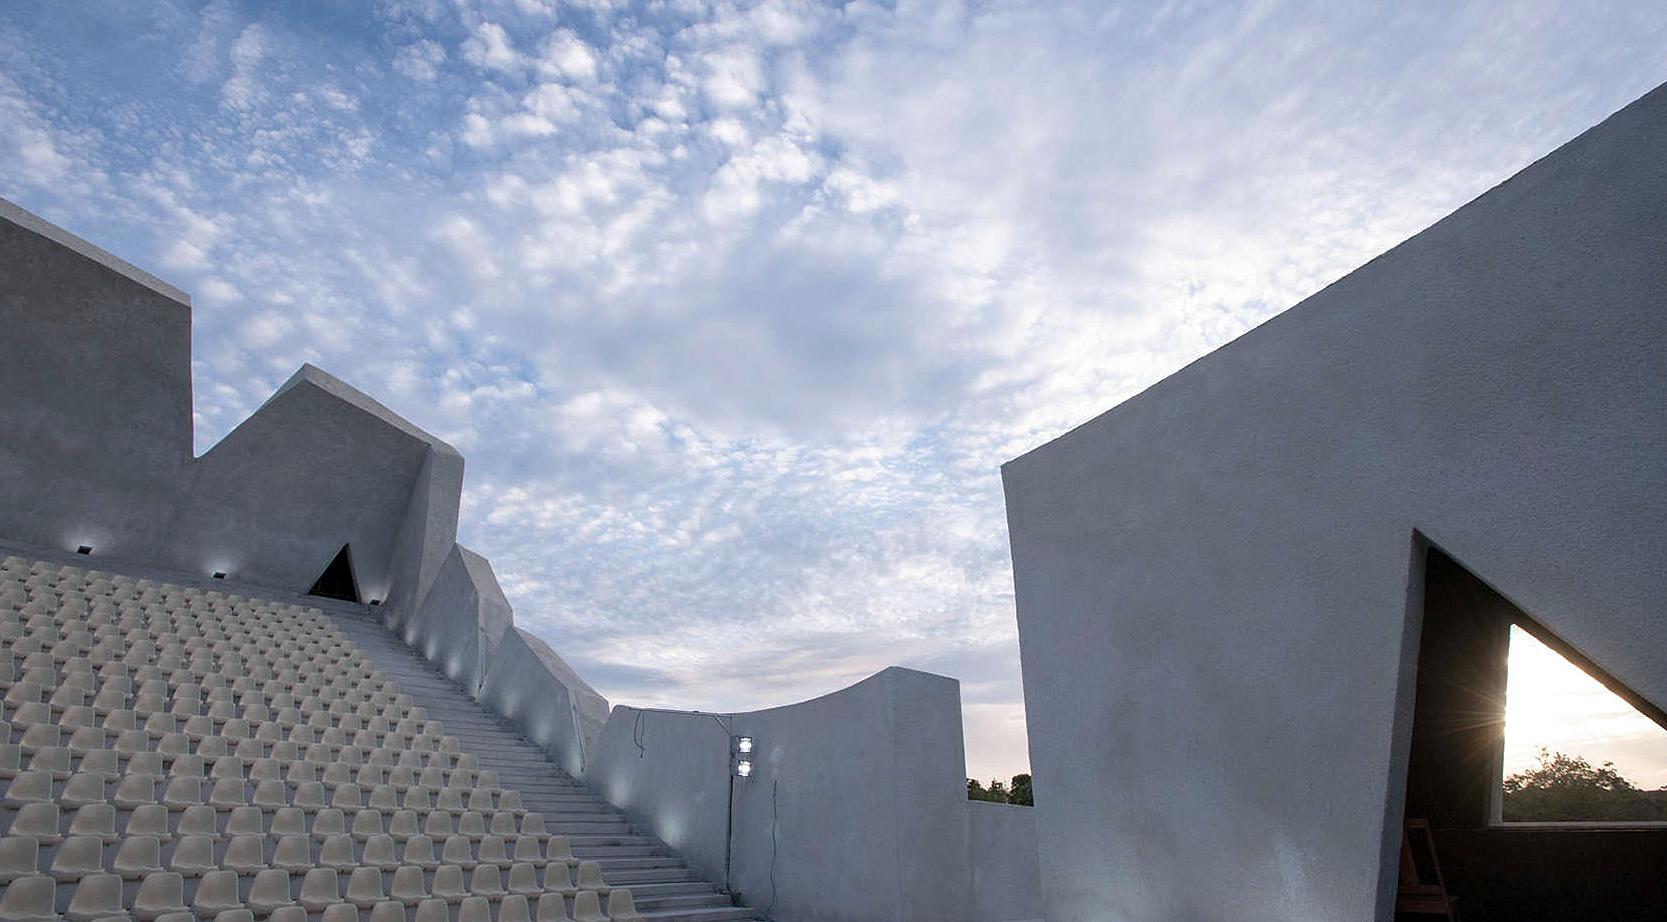 Teatro ao ar livre tem 2.750 m² de área construída e estrutura projetada para ter desempenho acústico